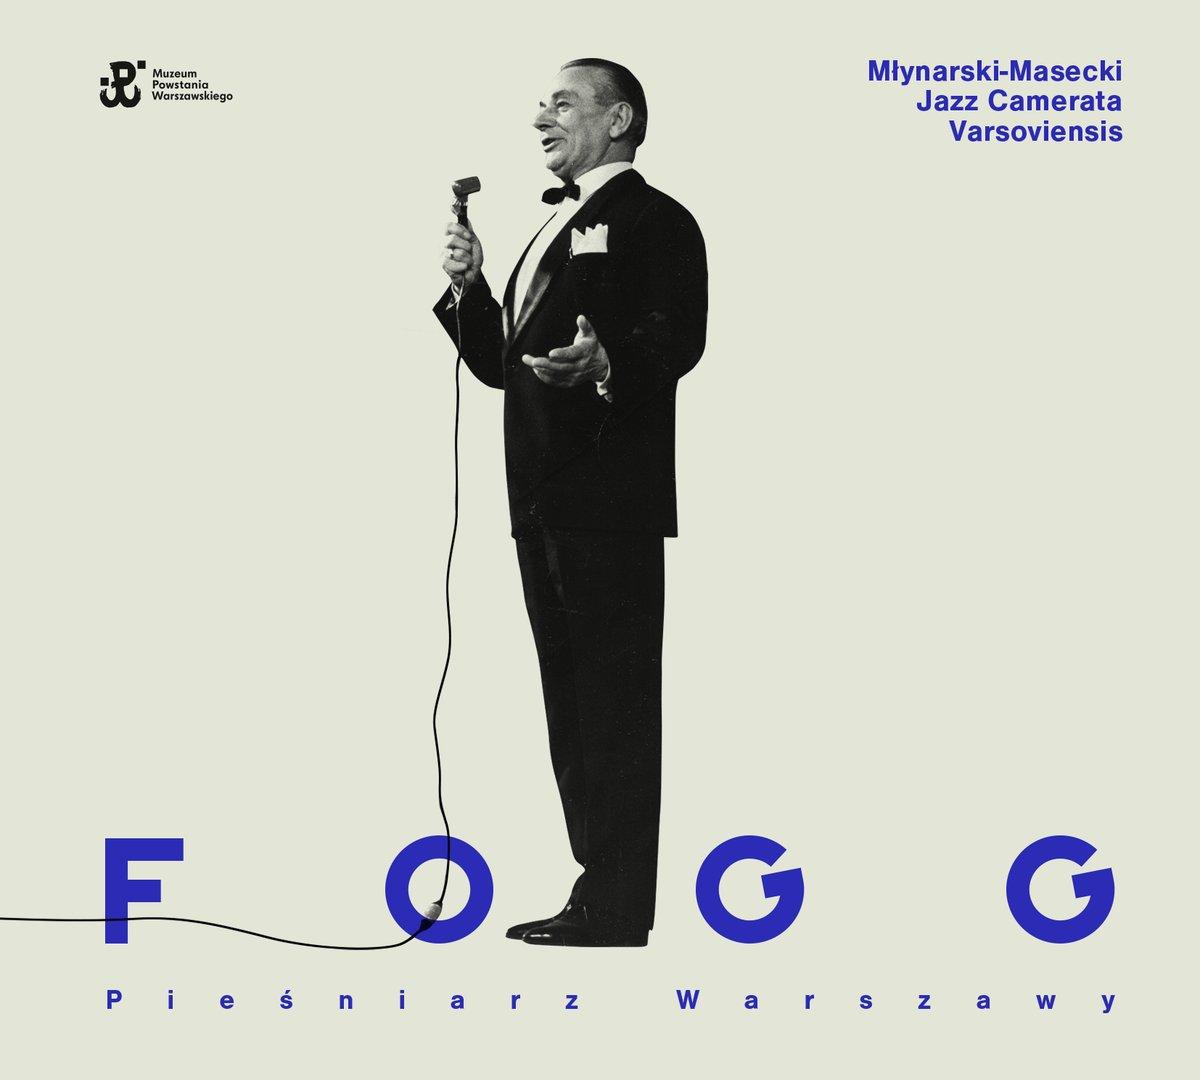 Mlynarski Masecki – Fogg